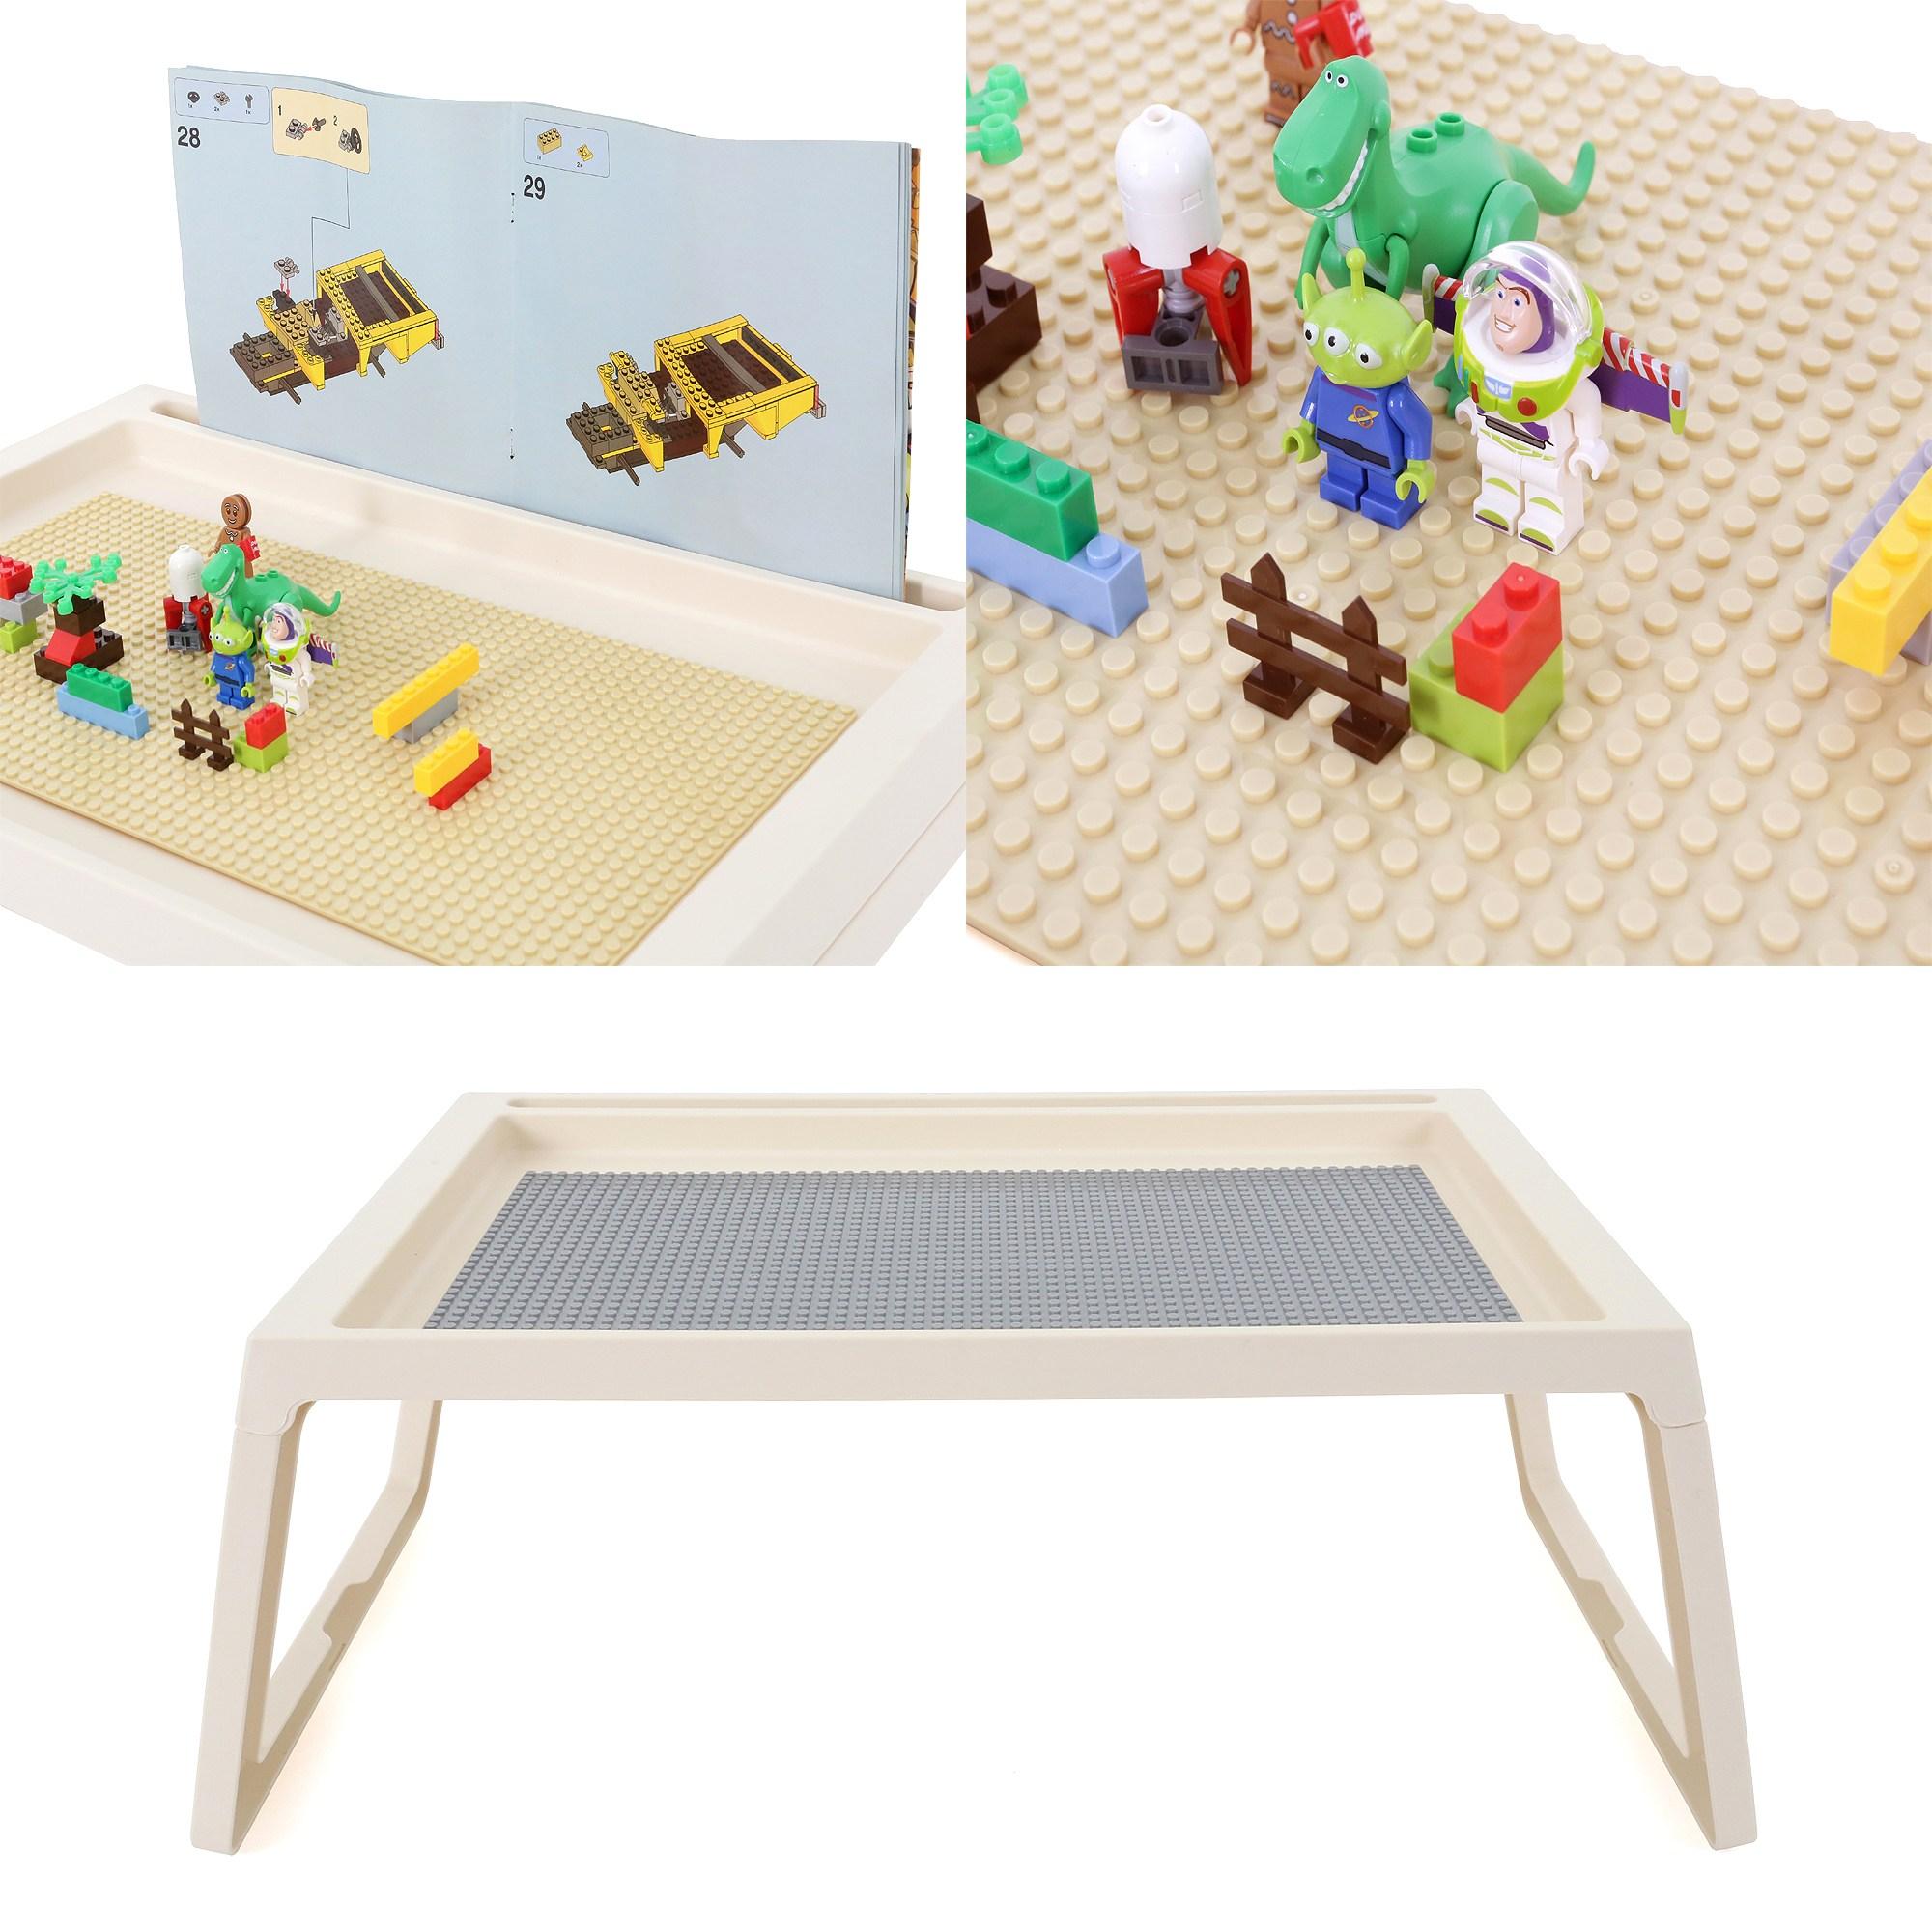 더뻔뻔 접이식 레고책상 레고놀이판포함 레고판 좌식테이블, 연베이지색책상(연회색레고판)